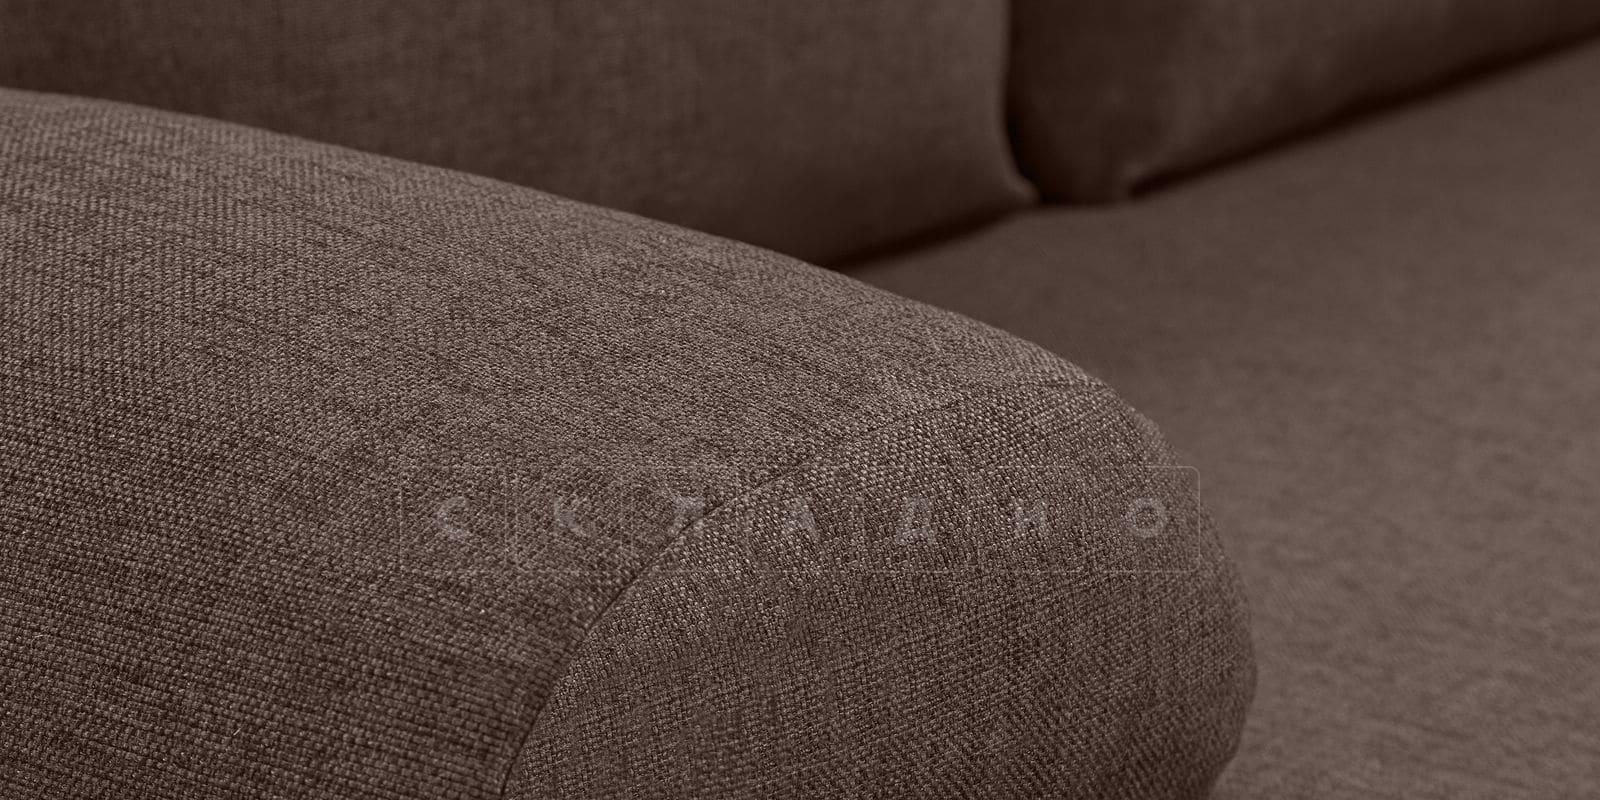 Диван Парма коричневого цвета рогожка фото 6 | интернет-магазин Складно